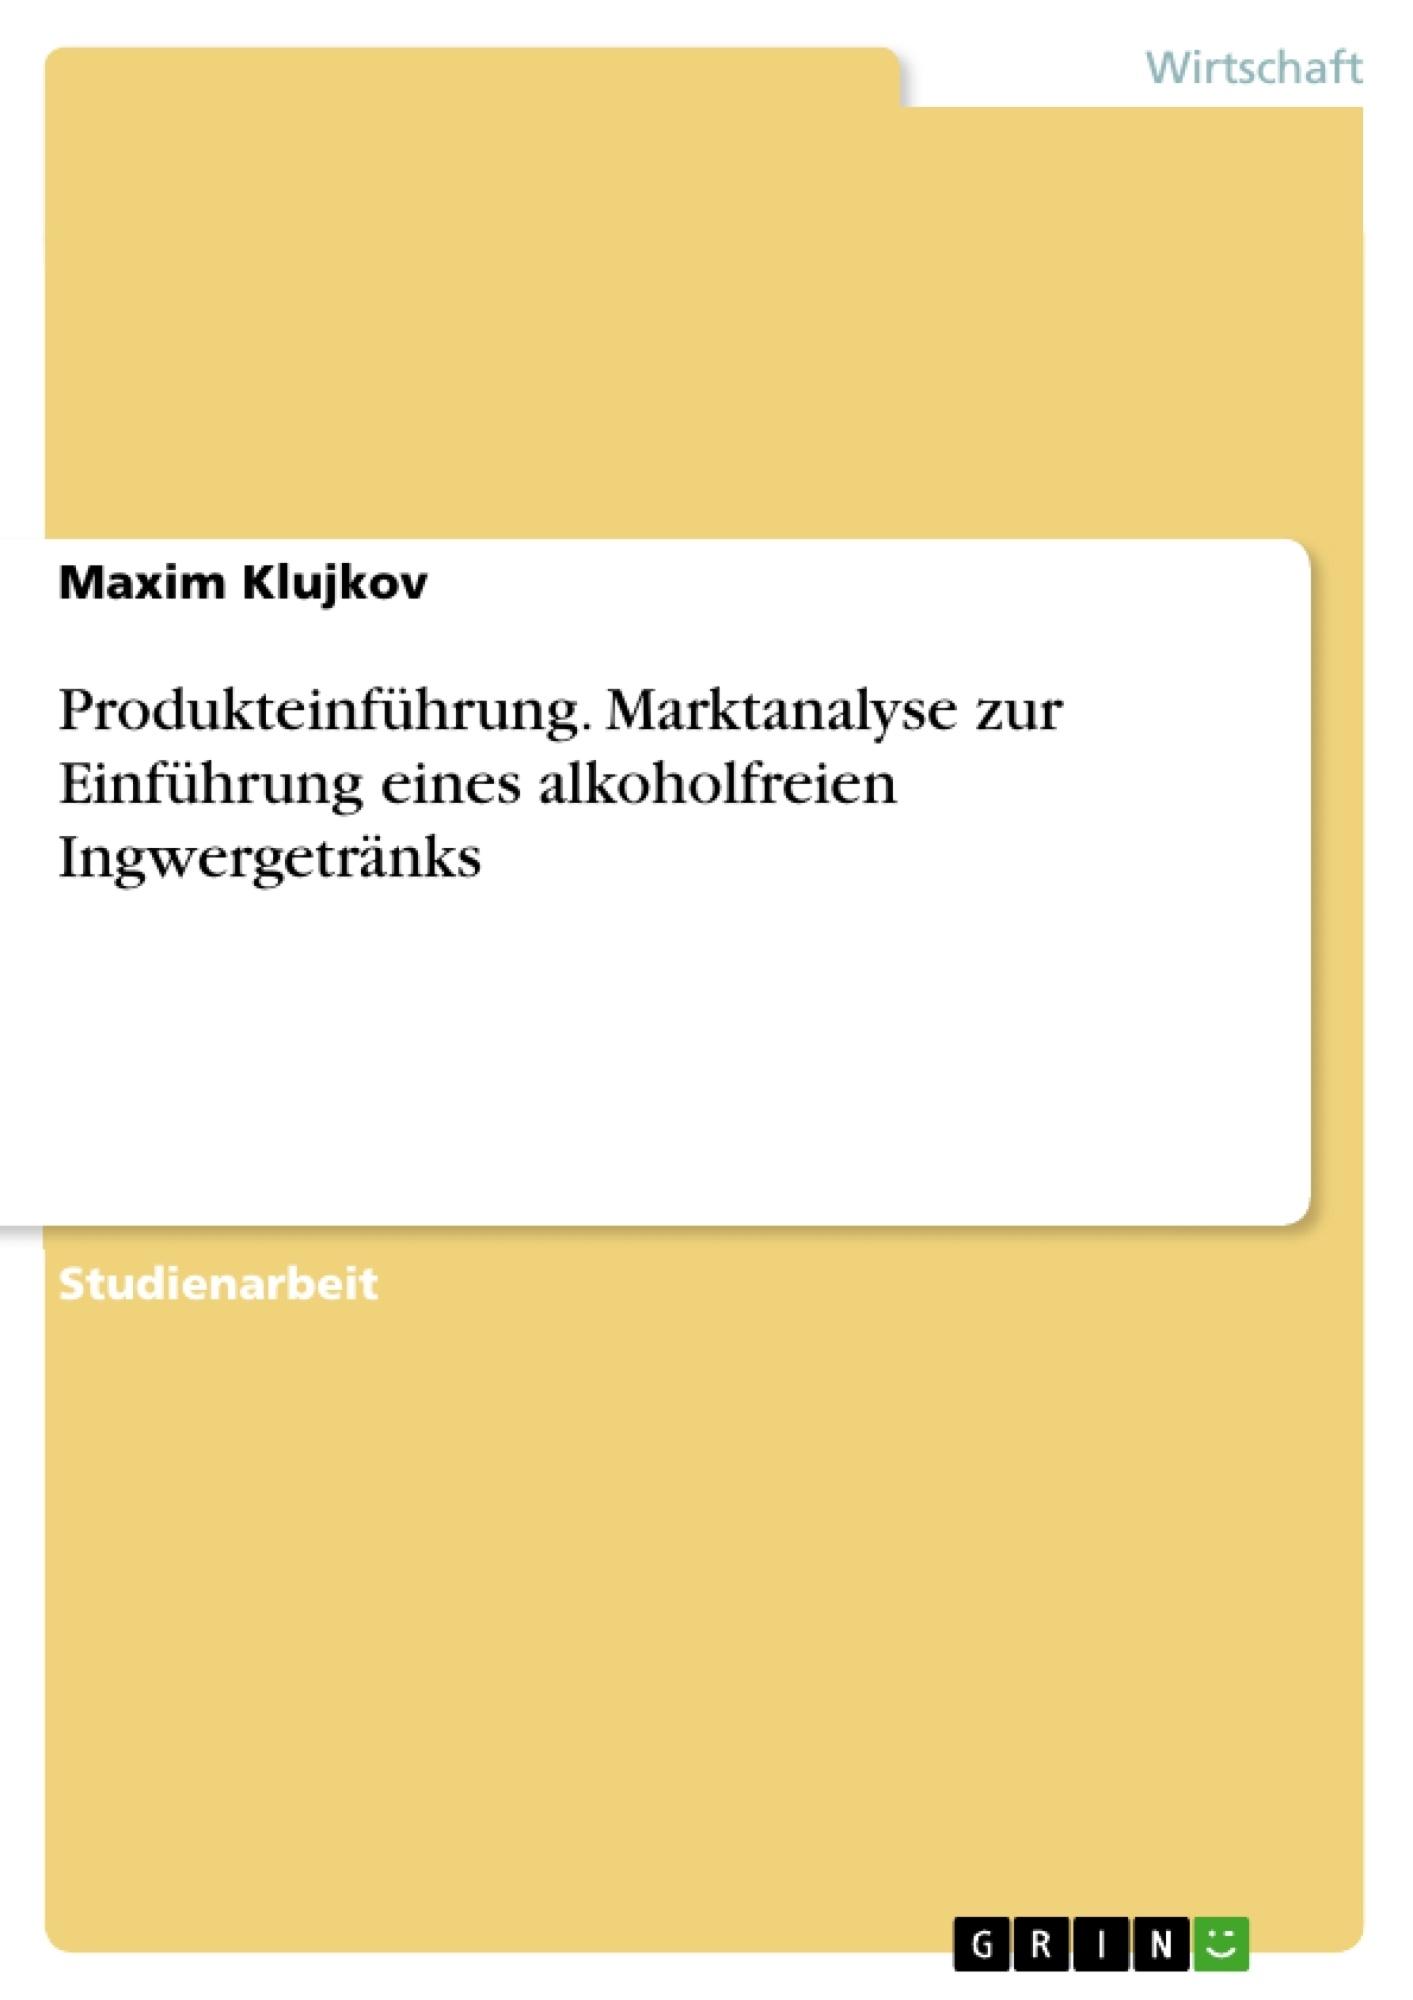 Titel: Produkteinführung. Marktanalyse zur Einführung eines alkoholfreien Ingwergetränks